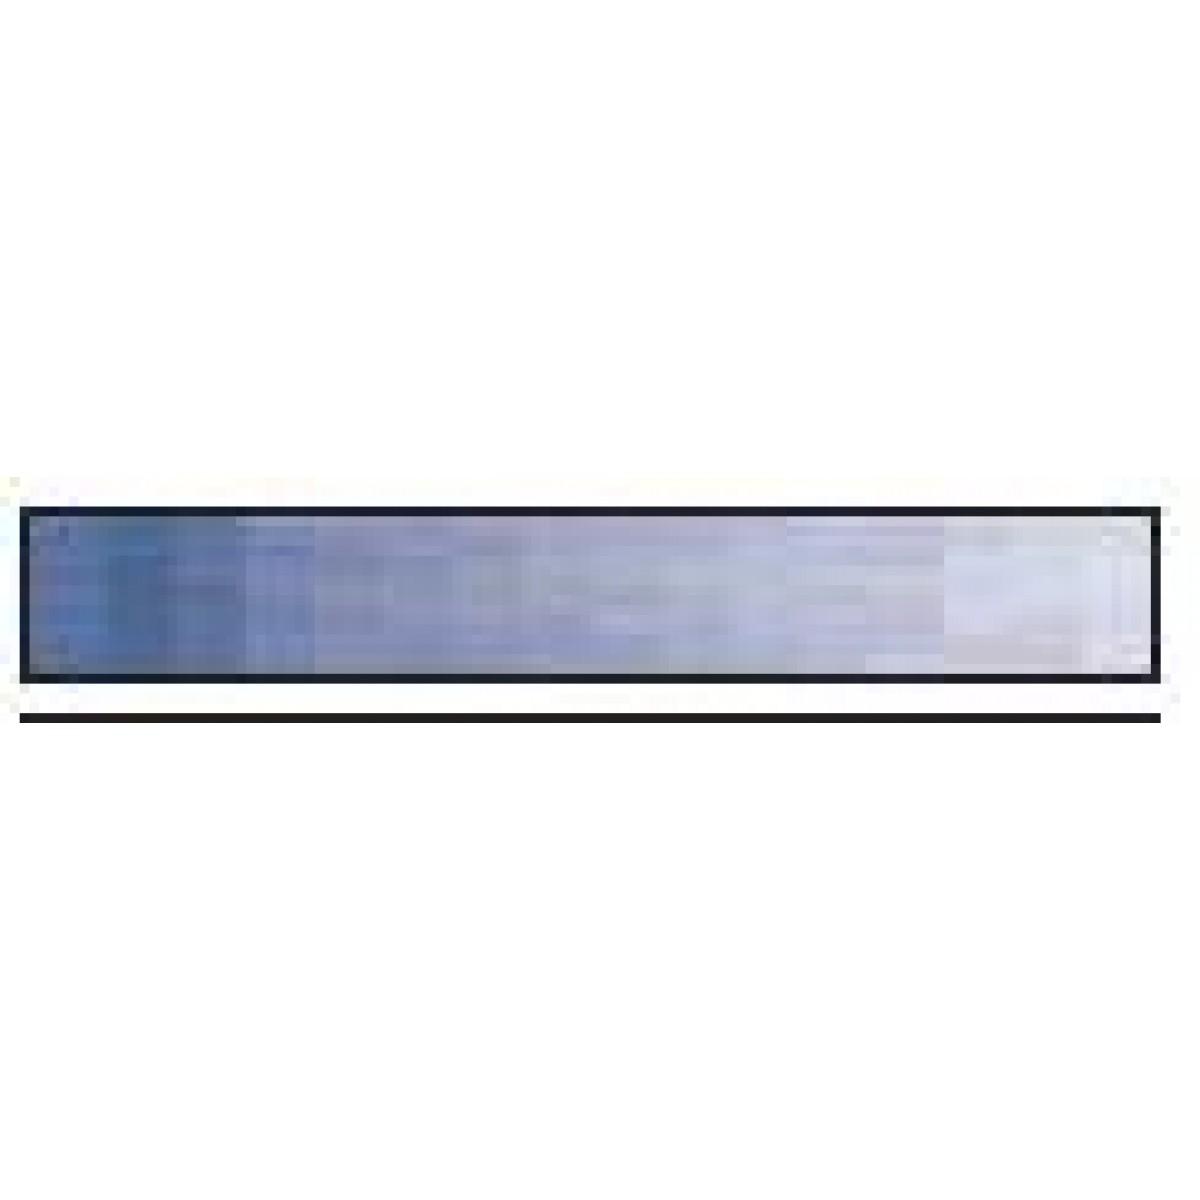 8573 Kunstnerkvalitet soft pastel Prussian blue